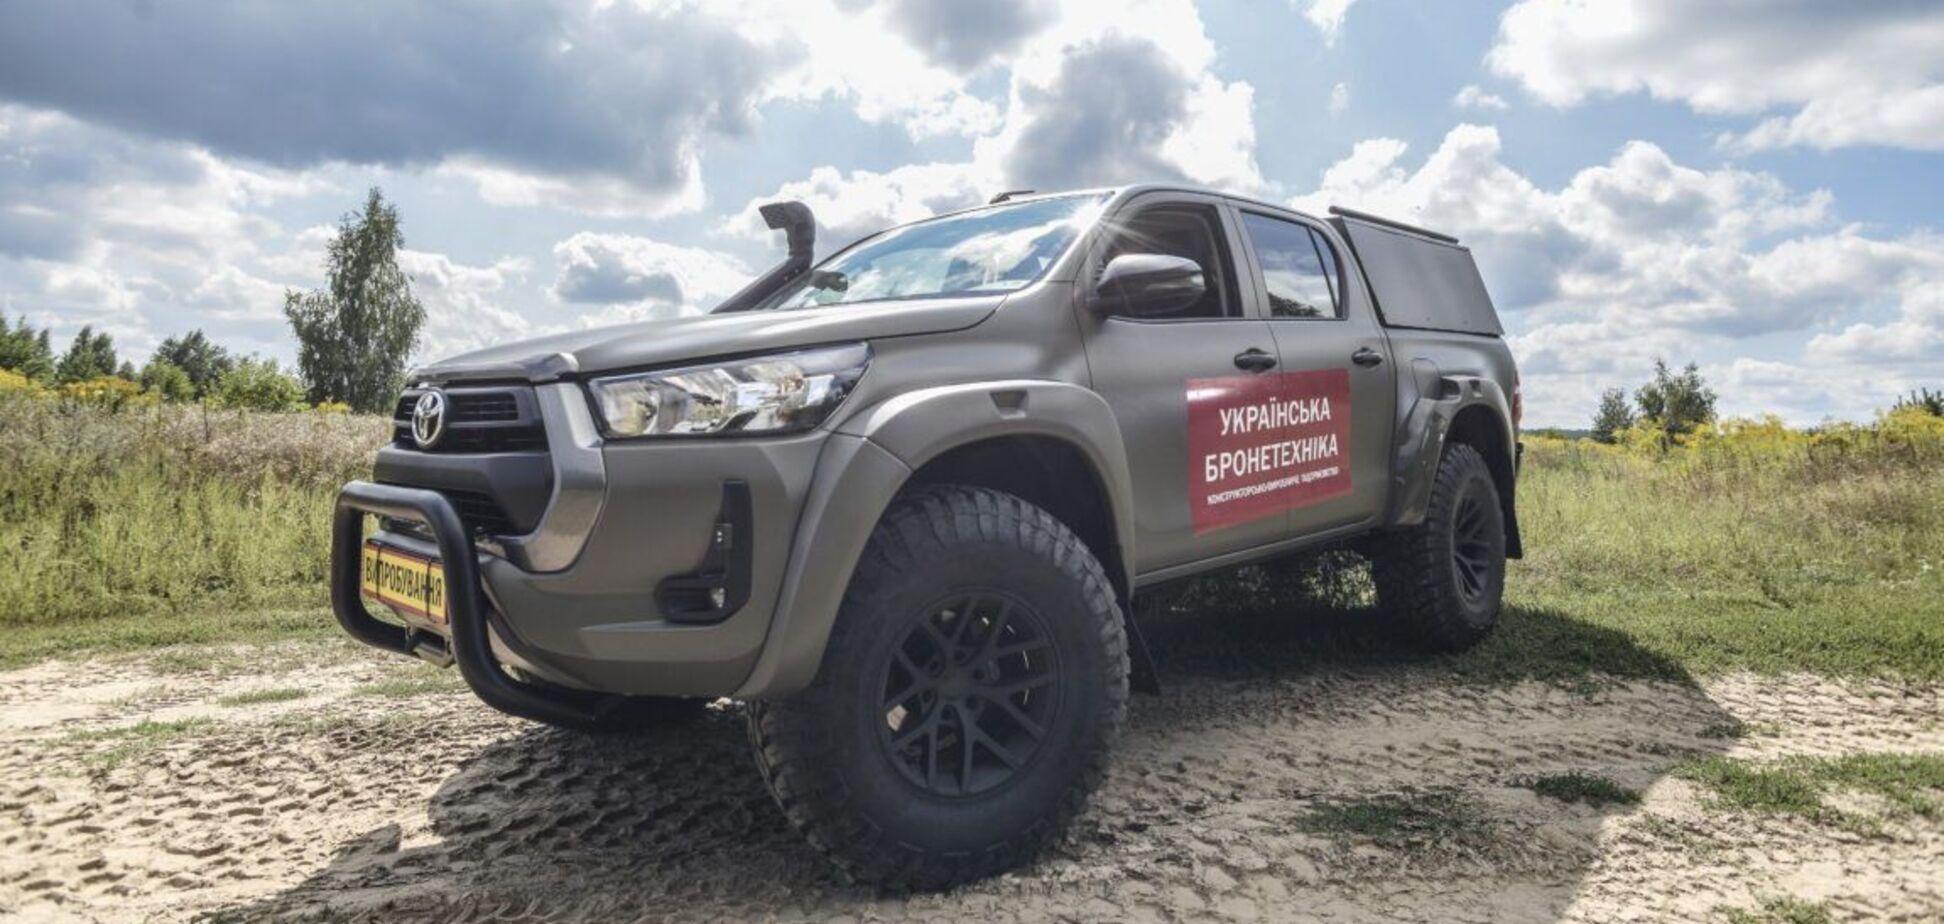 'Українська бронетехніка' представила автомобіль 'Сайгак' для ЗСУ